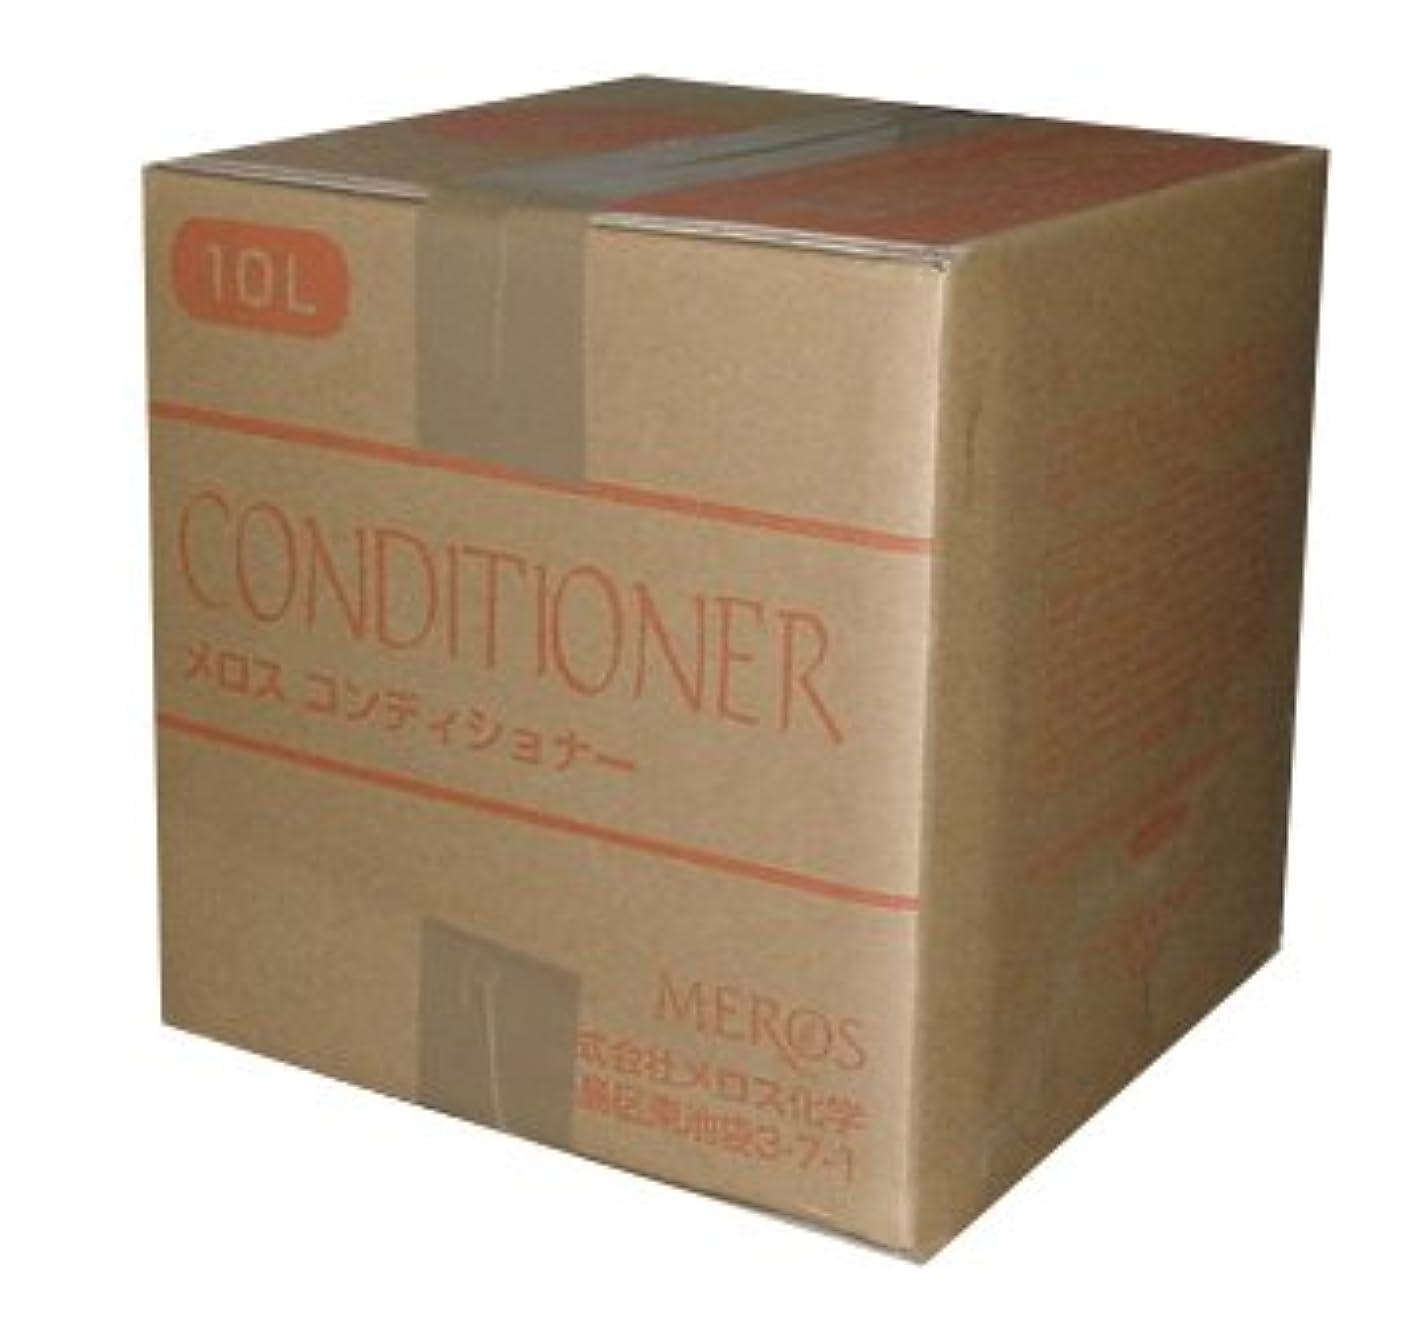 フォアマンゲートウェイ貢献するメロス コンディショナー 業務用 10L / 詰め替え (メロス化学)業務用コンディショナー